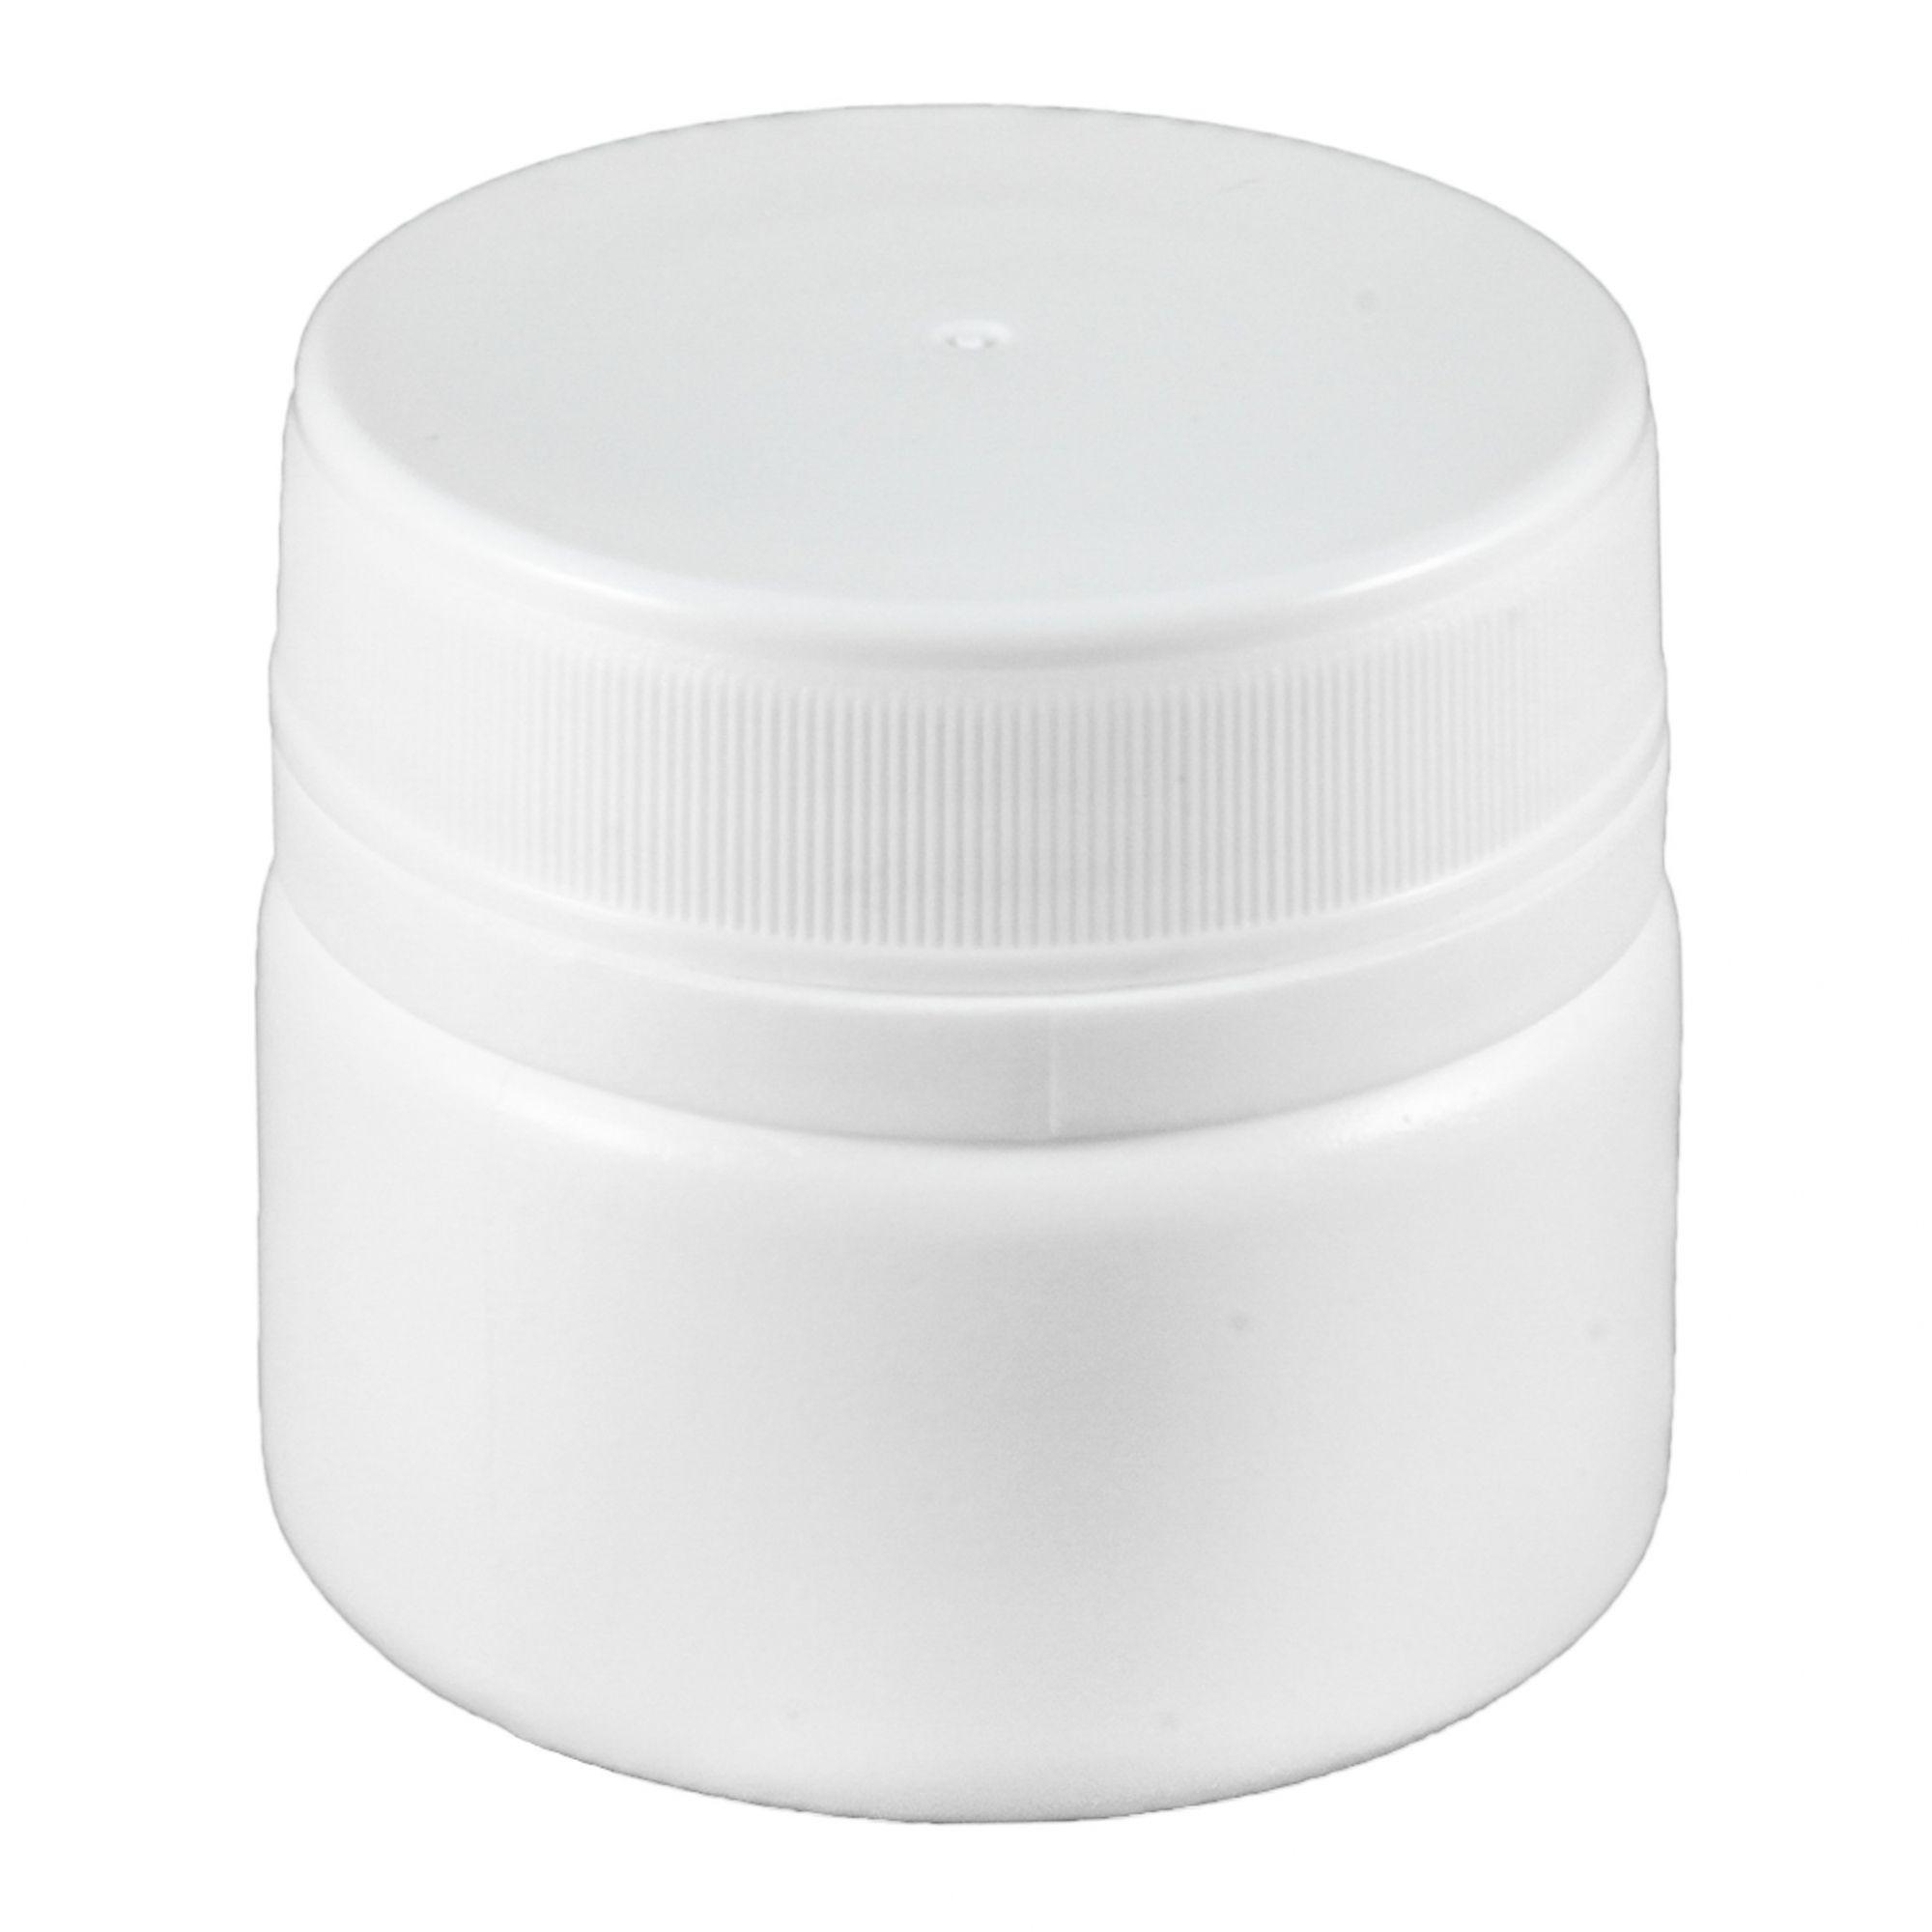 Pote de Creme e Pomada vazio de 40 ml kit com 10 Unidades.